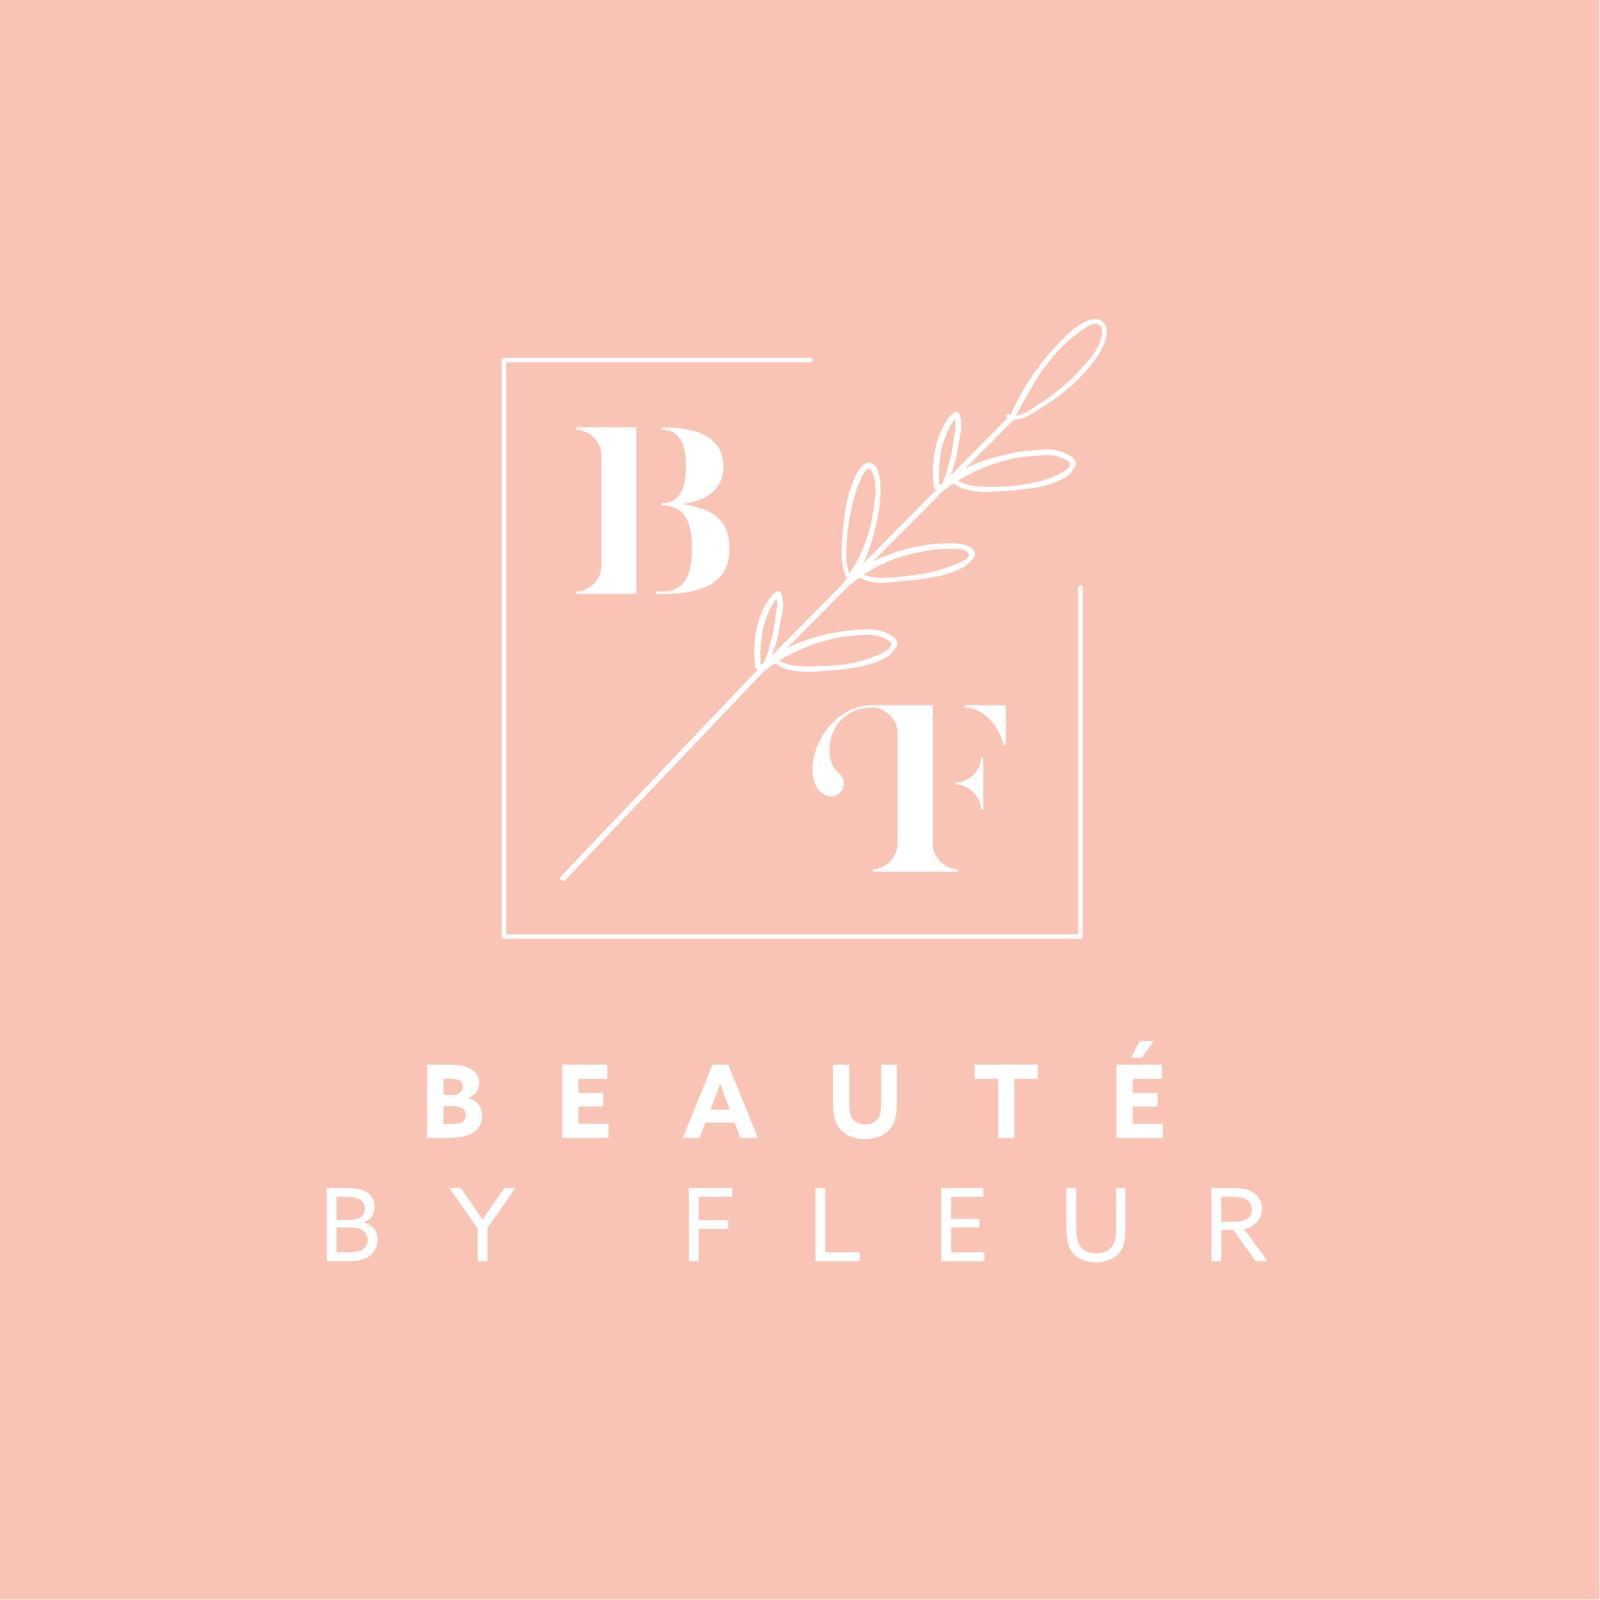 Beauté By Fleur